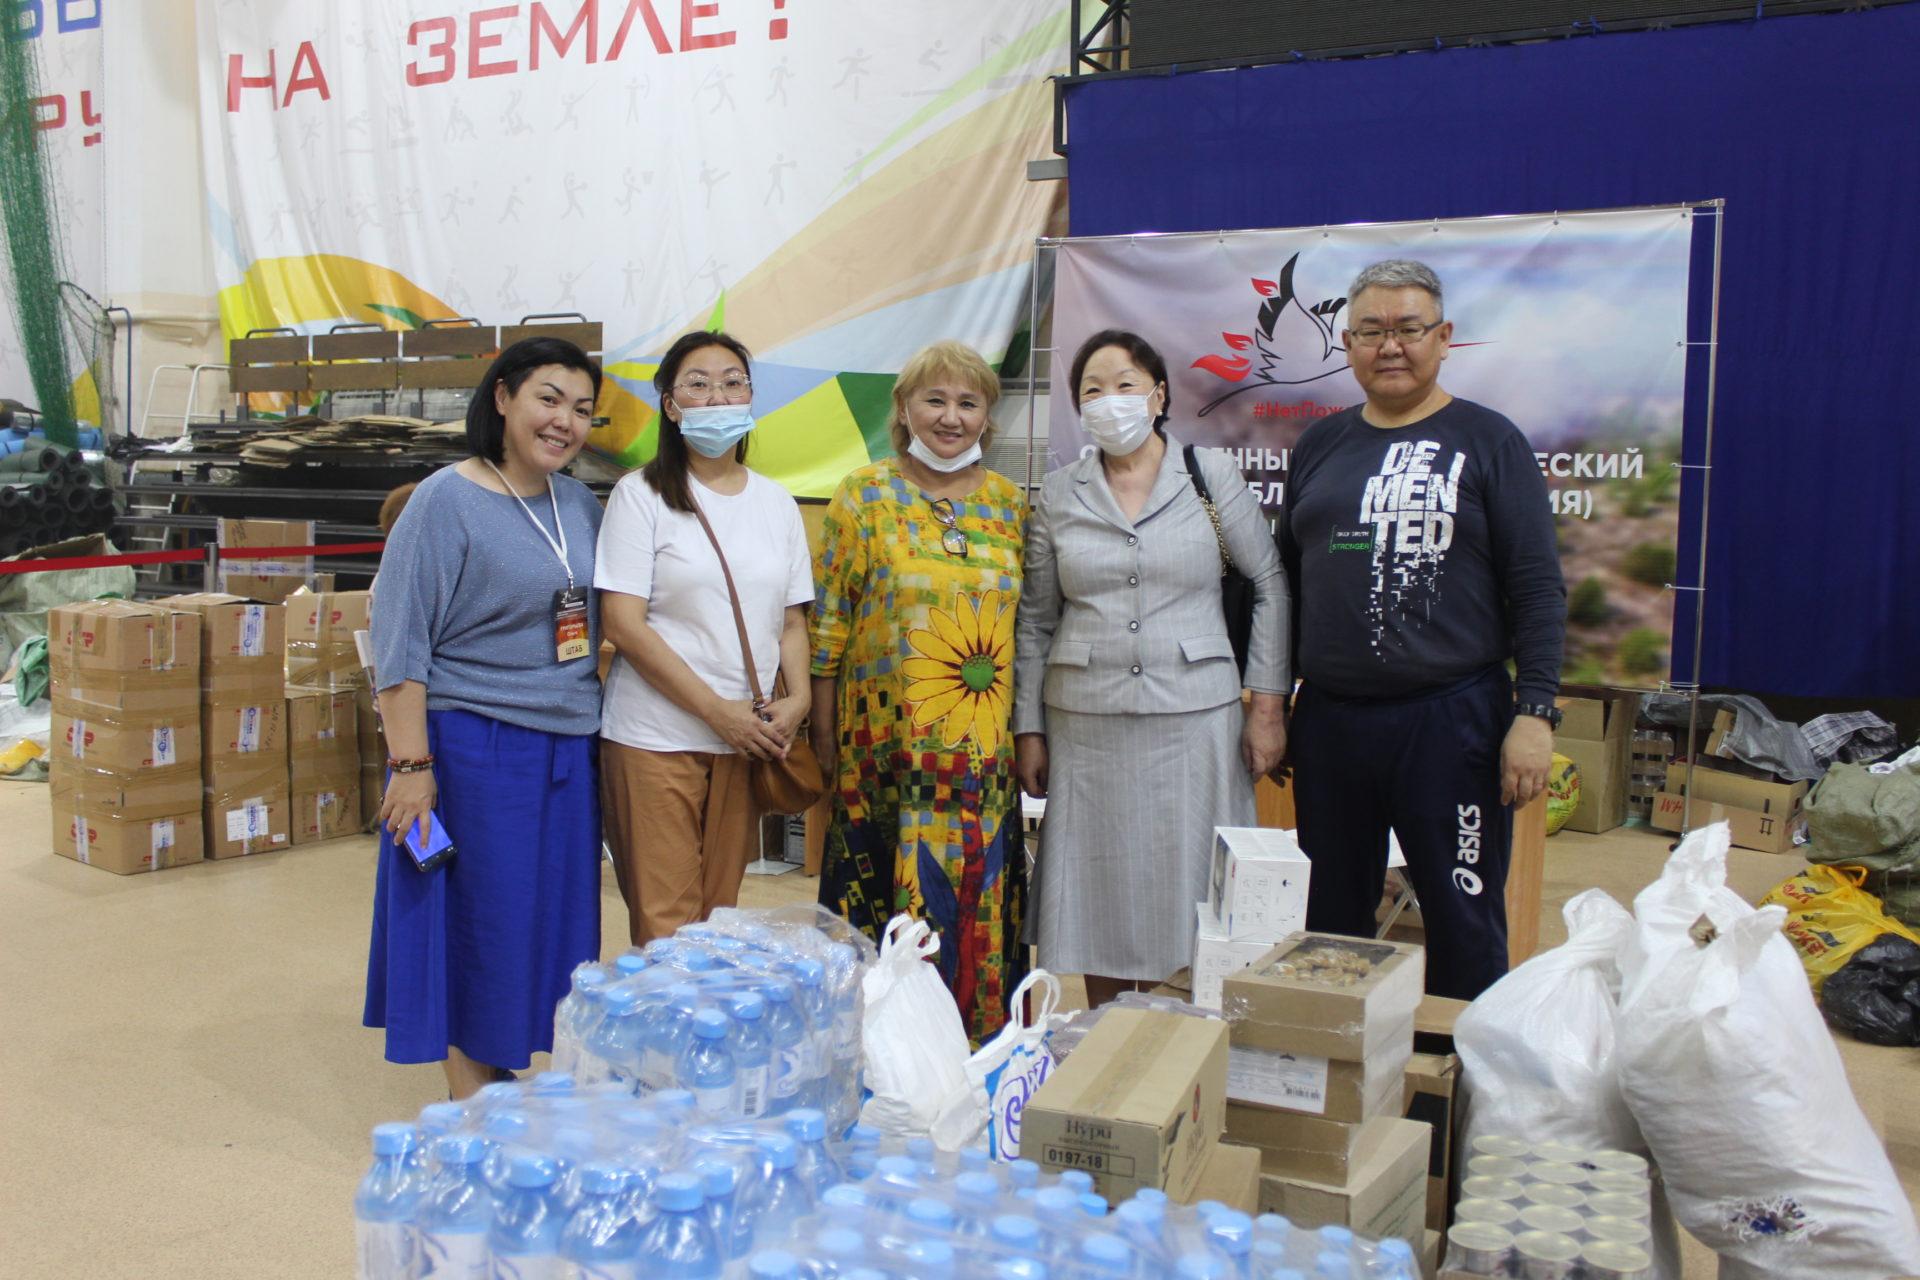 Антонина Григорьева передала благотворительную помощь парламента Добровольческому штабу по борьбе с лесными пожарами